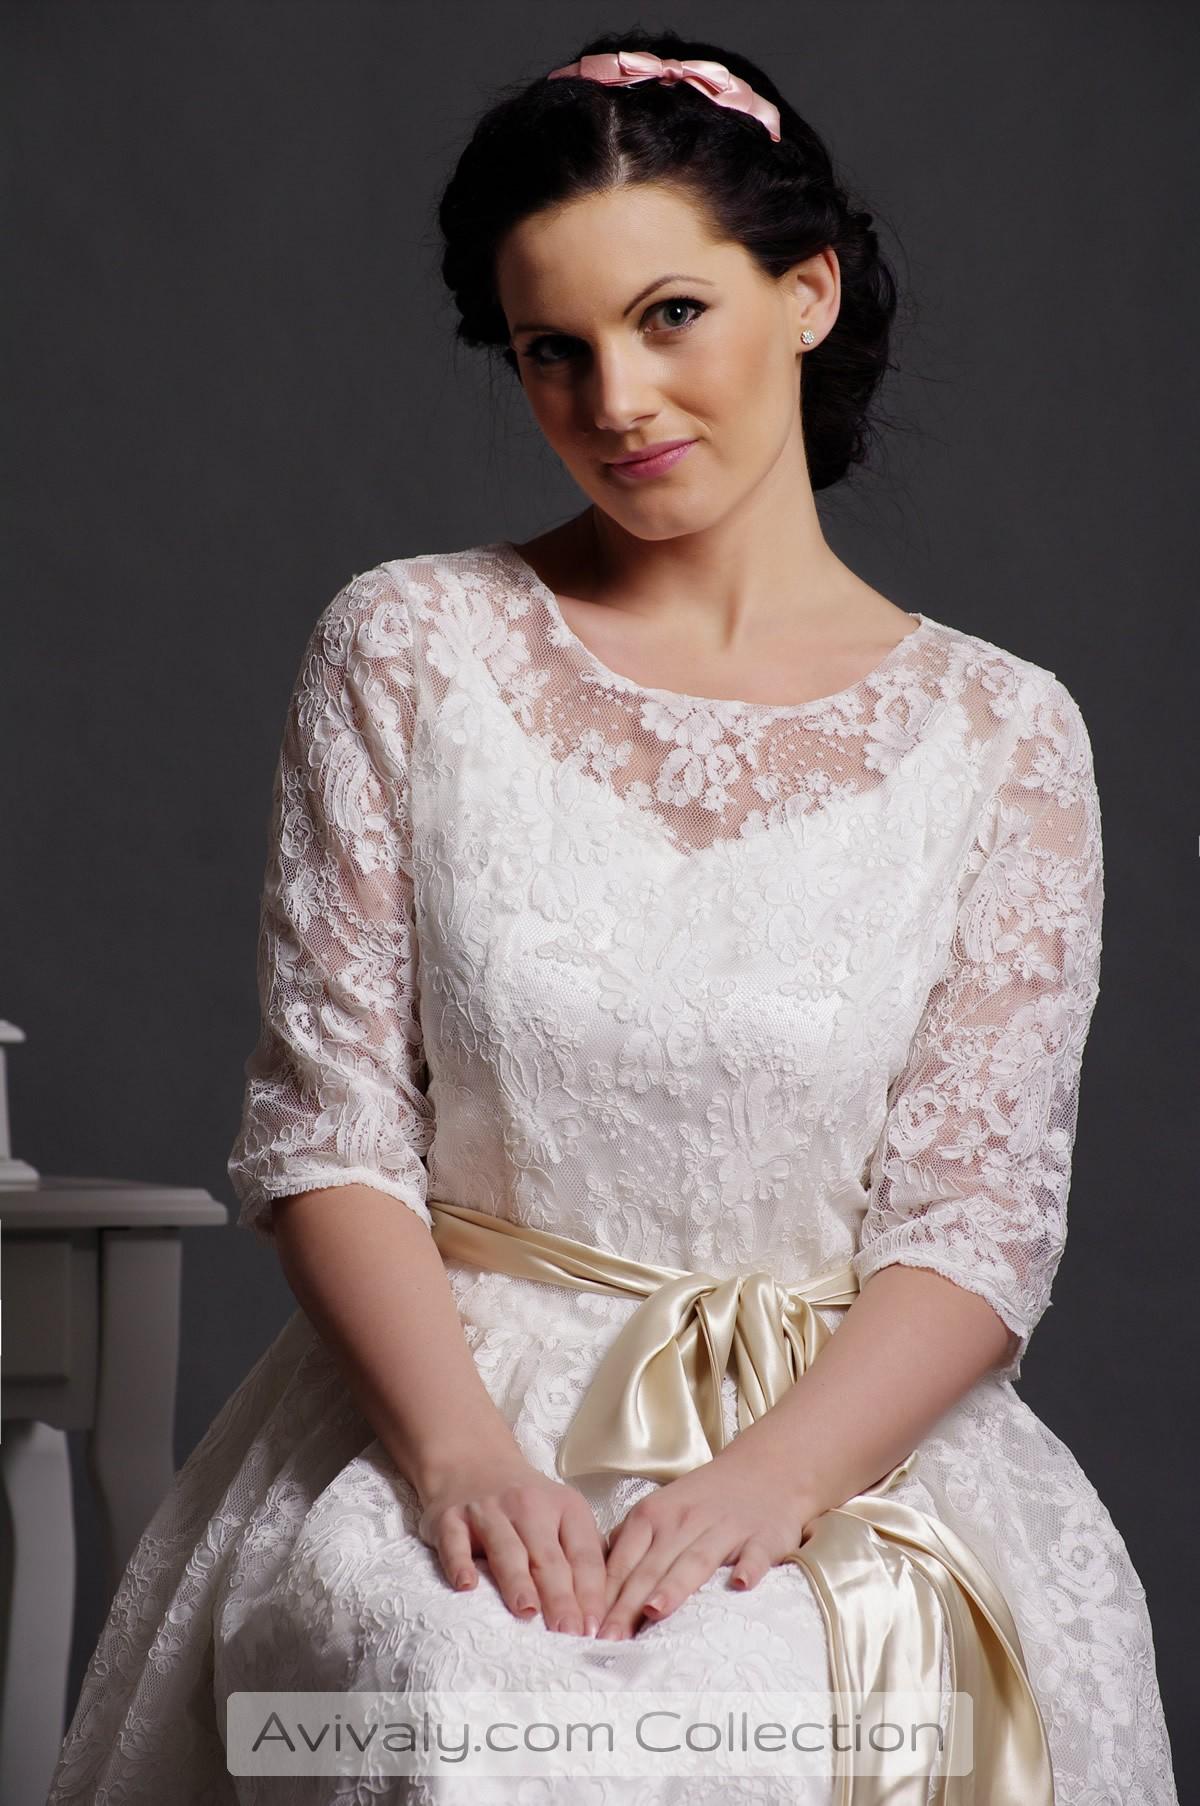 Zaza - Scoop Neckline & Half Sleeves Bodice in Sheer Lace